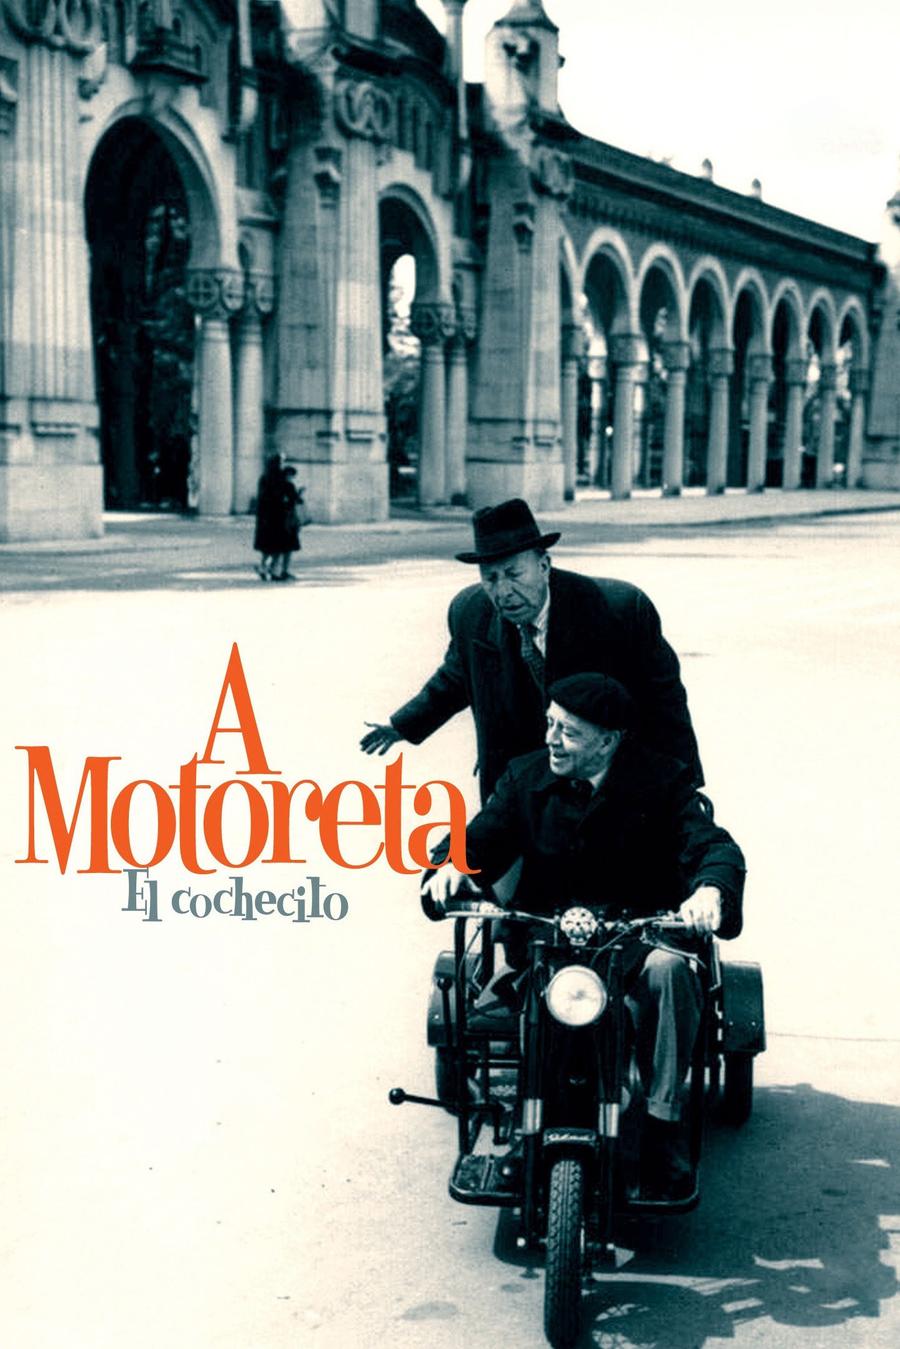 A Motoreta